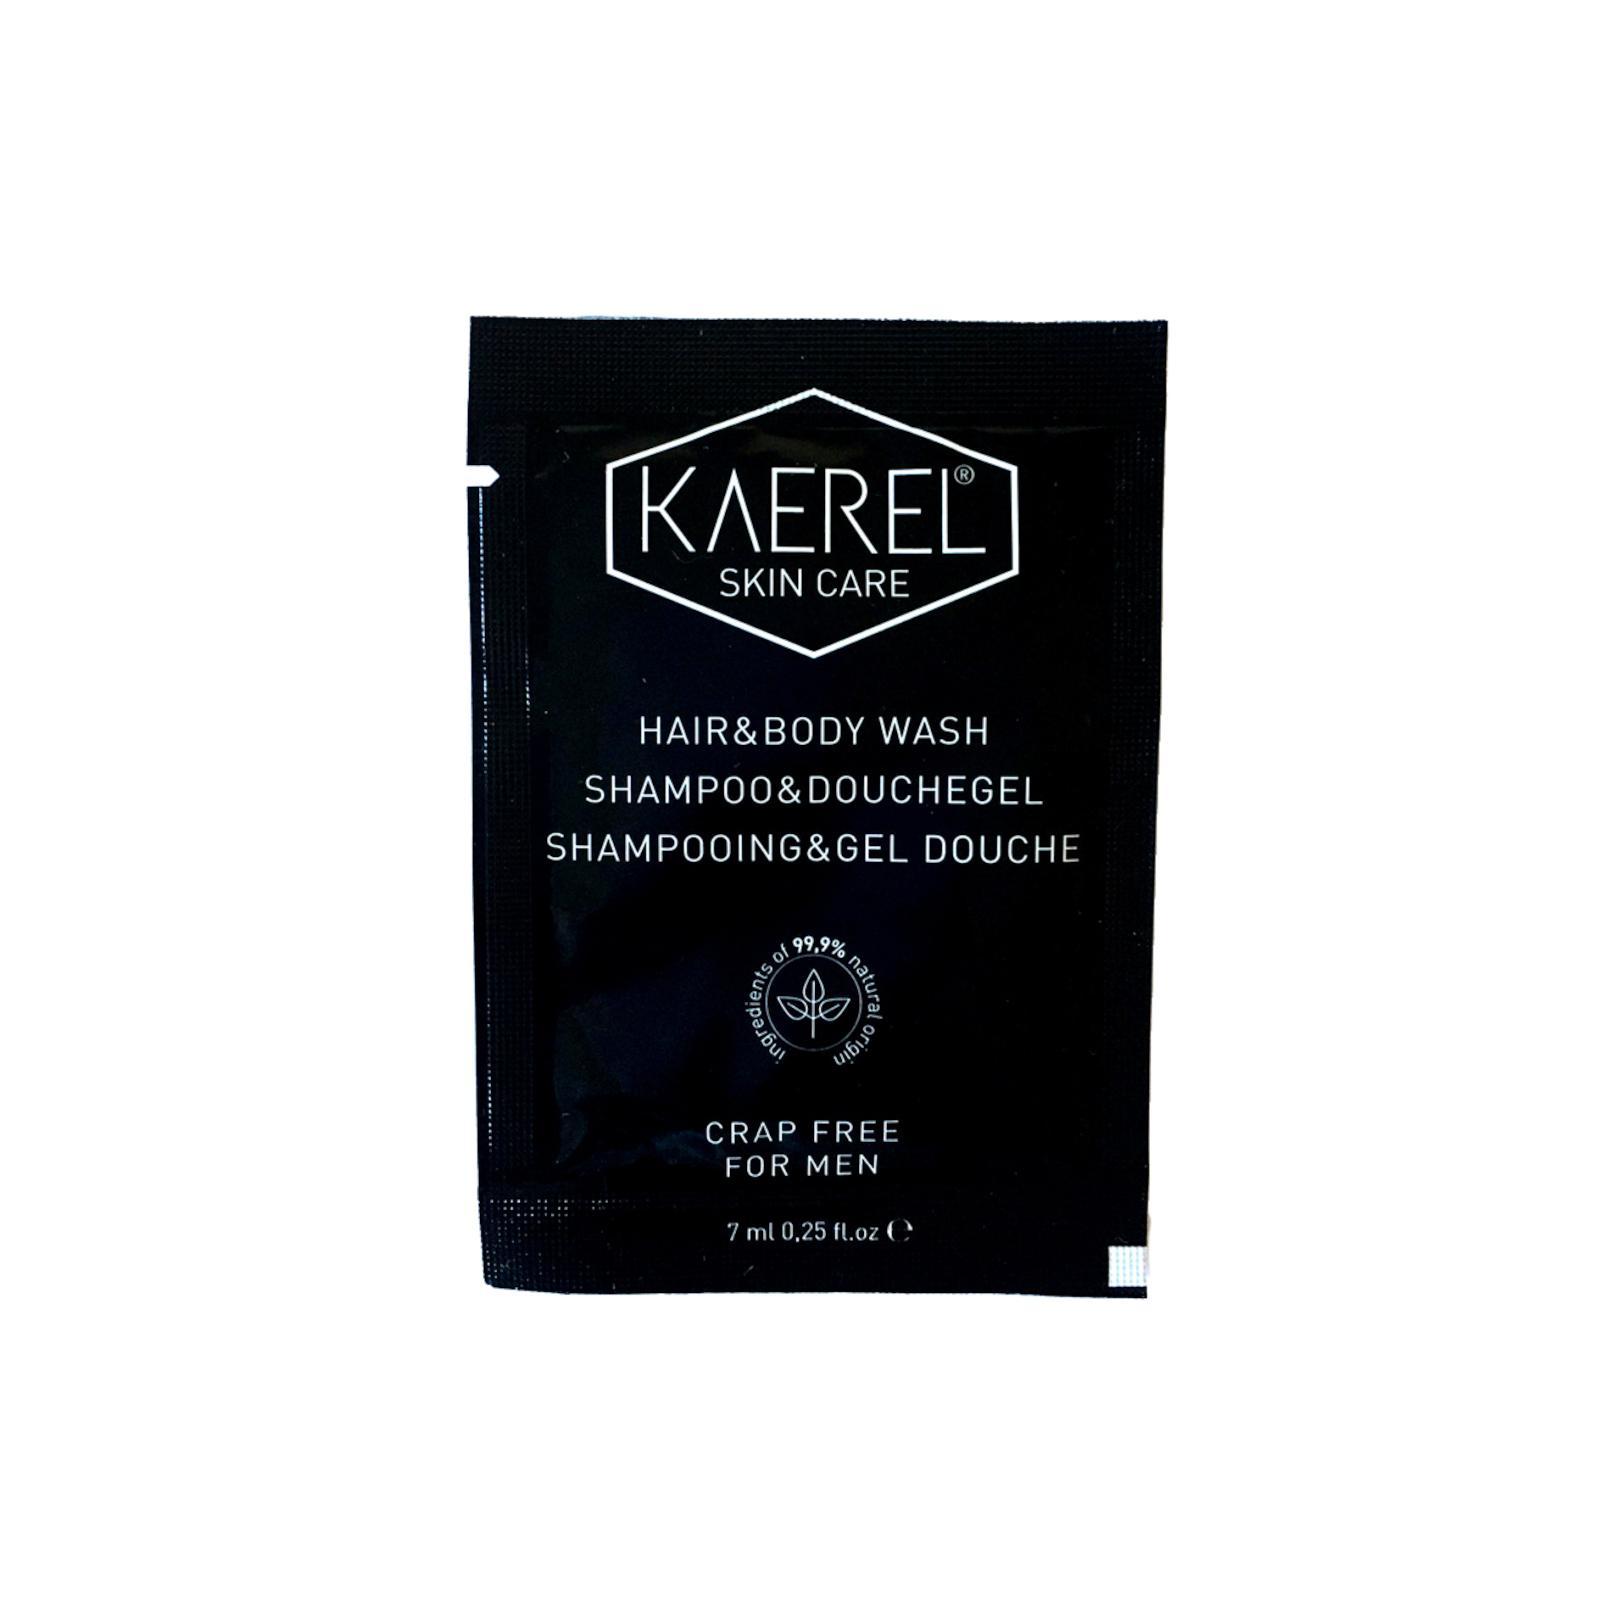 KAEREL SKIN CARE Šampon a sprchový gel pro muže 2v1 7 ml